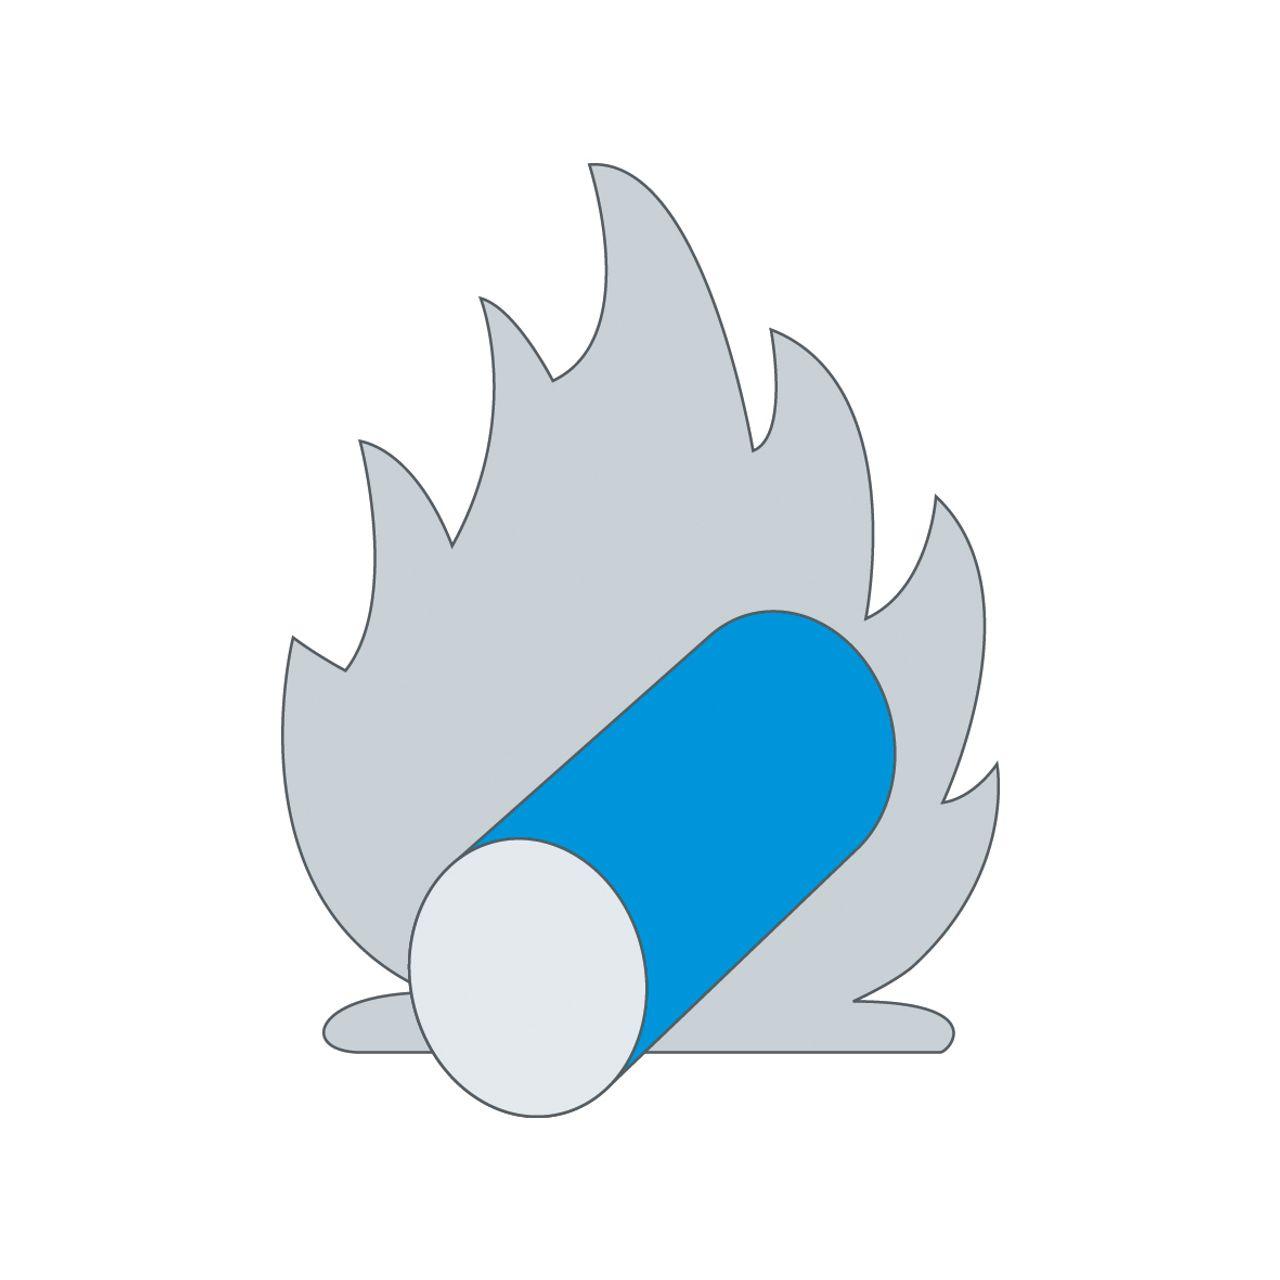 Croquis de la matière première qui est chauffée dans une flamme